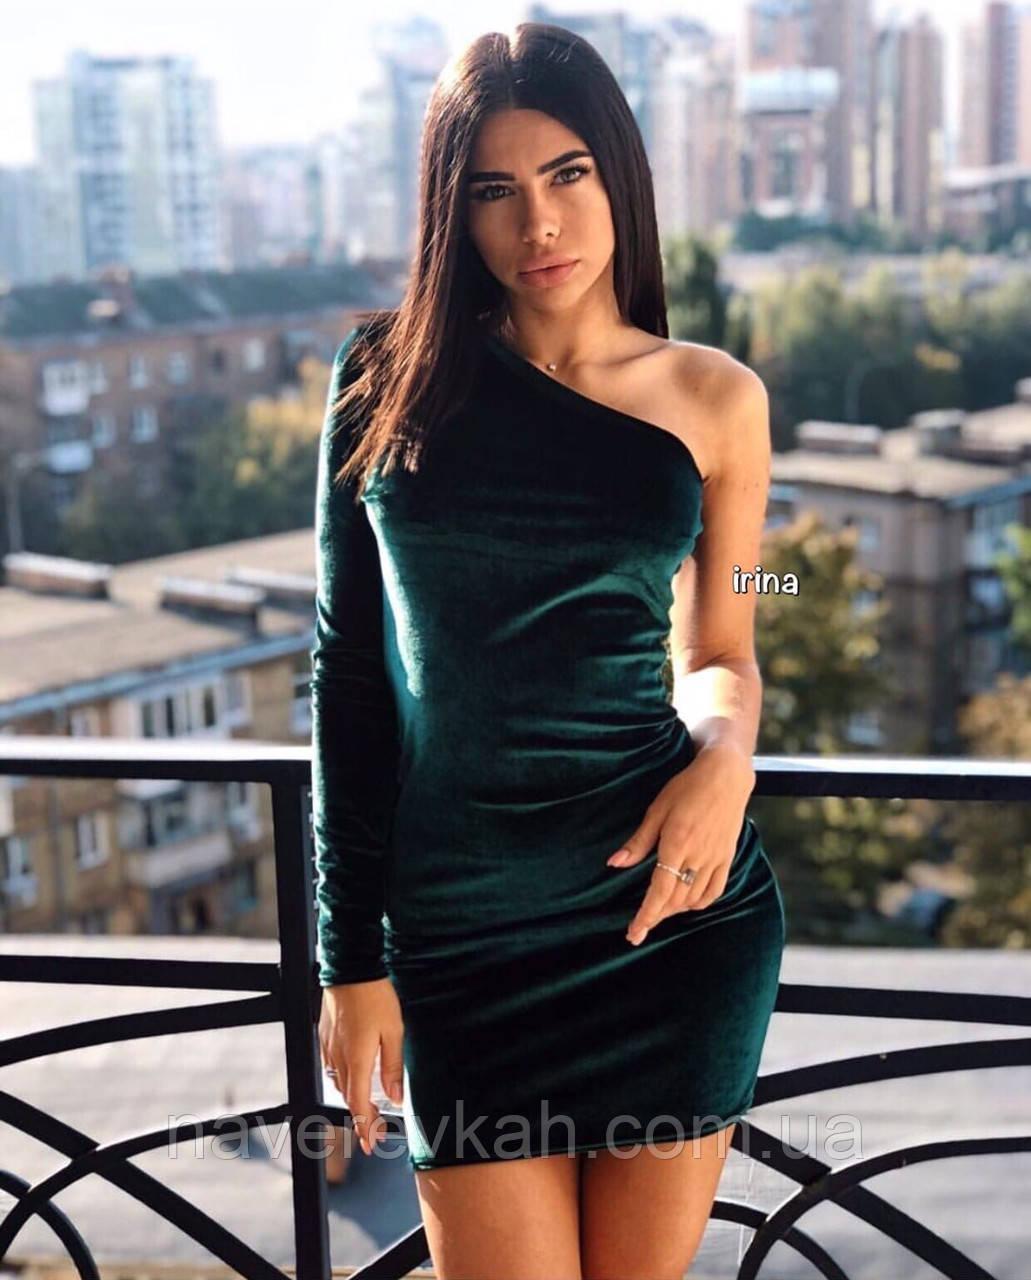 Женское платье бархат бордо бутылка чёрный бутылка черный бордо S-М М-L